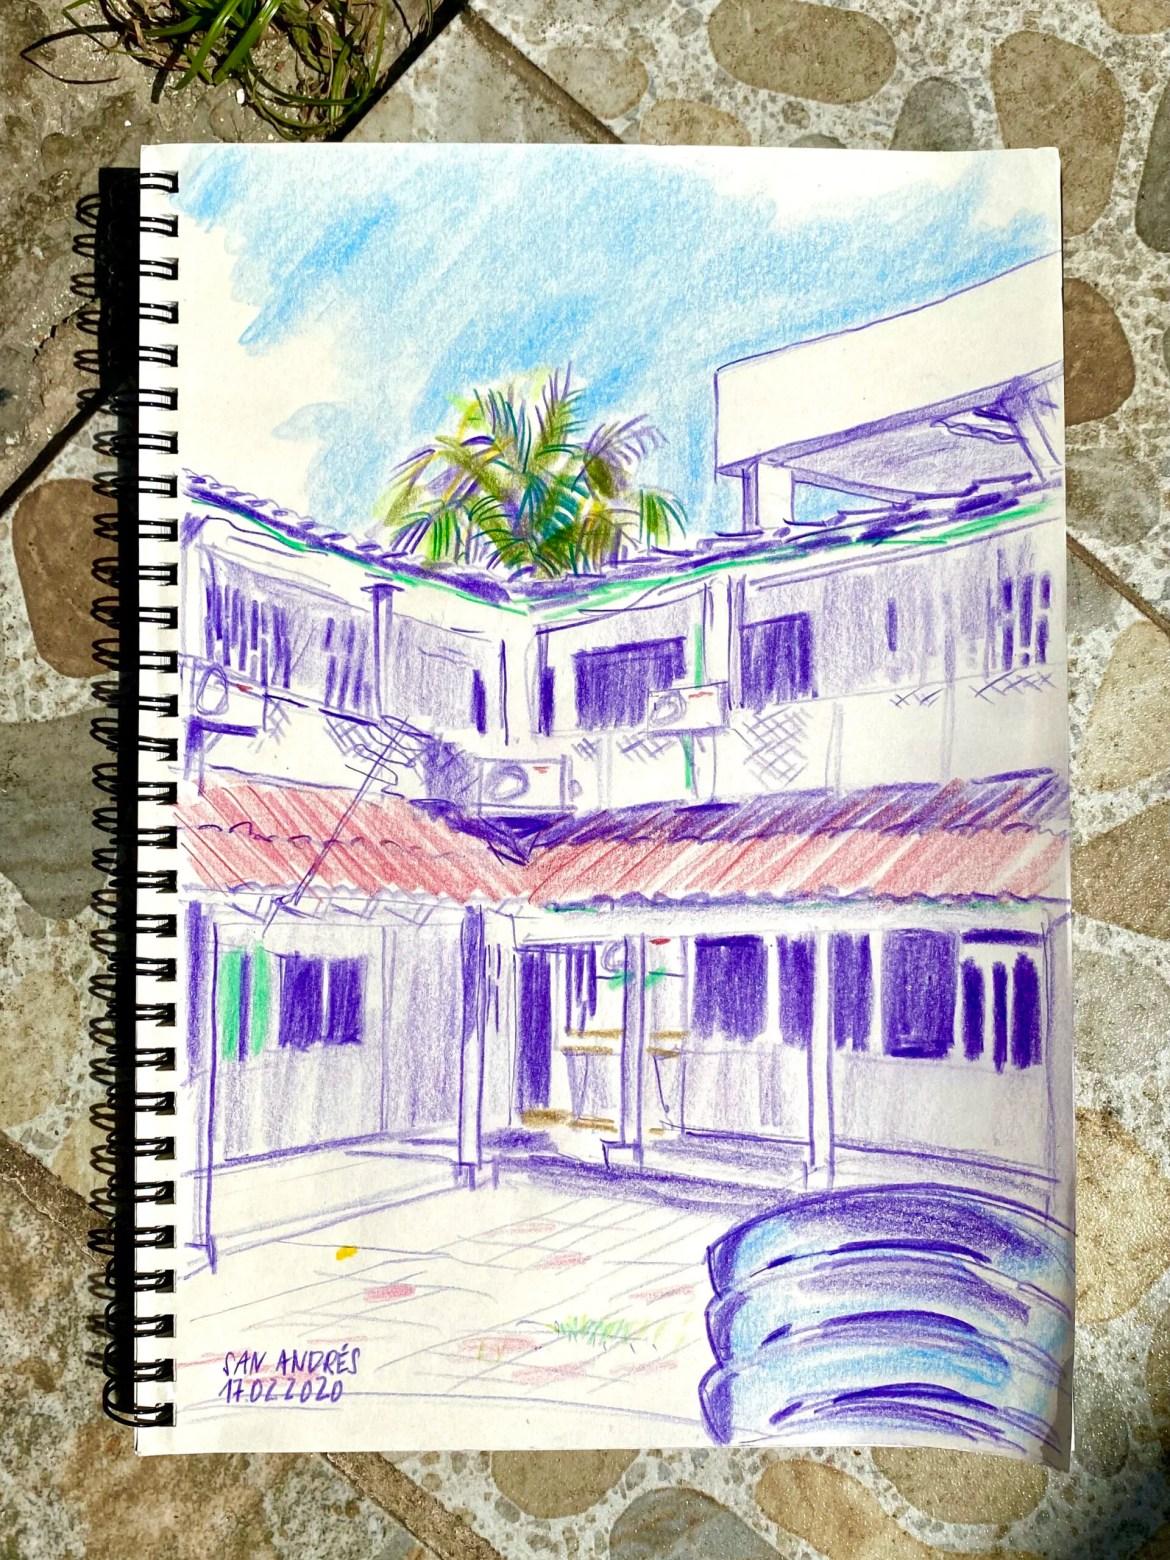 ein Hof eines dreistöckigen Gebäudes in der Karibik unter blauem Himmel vor einer grossen Palme